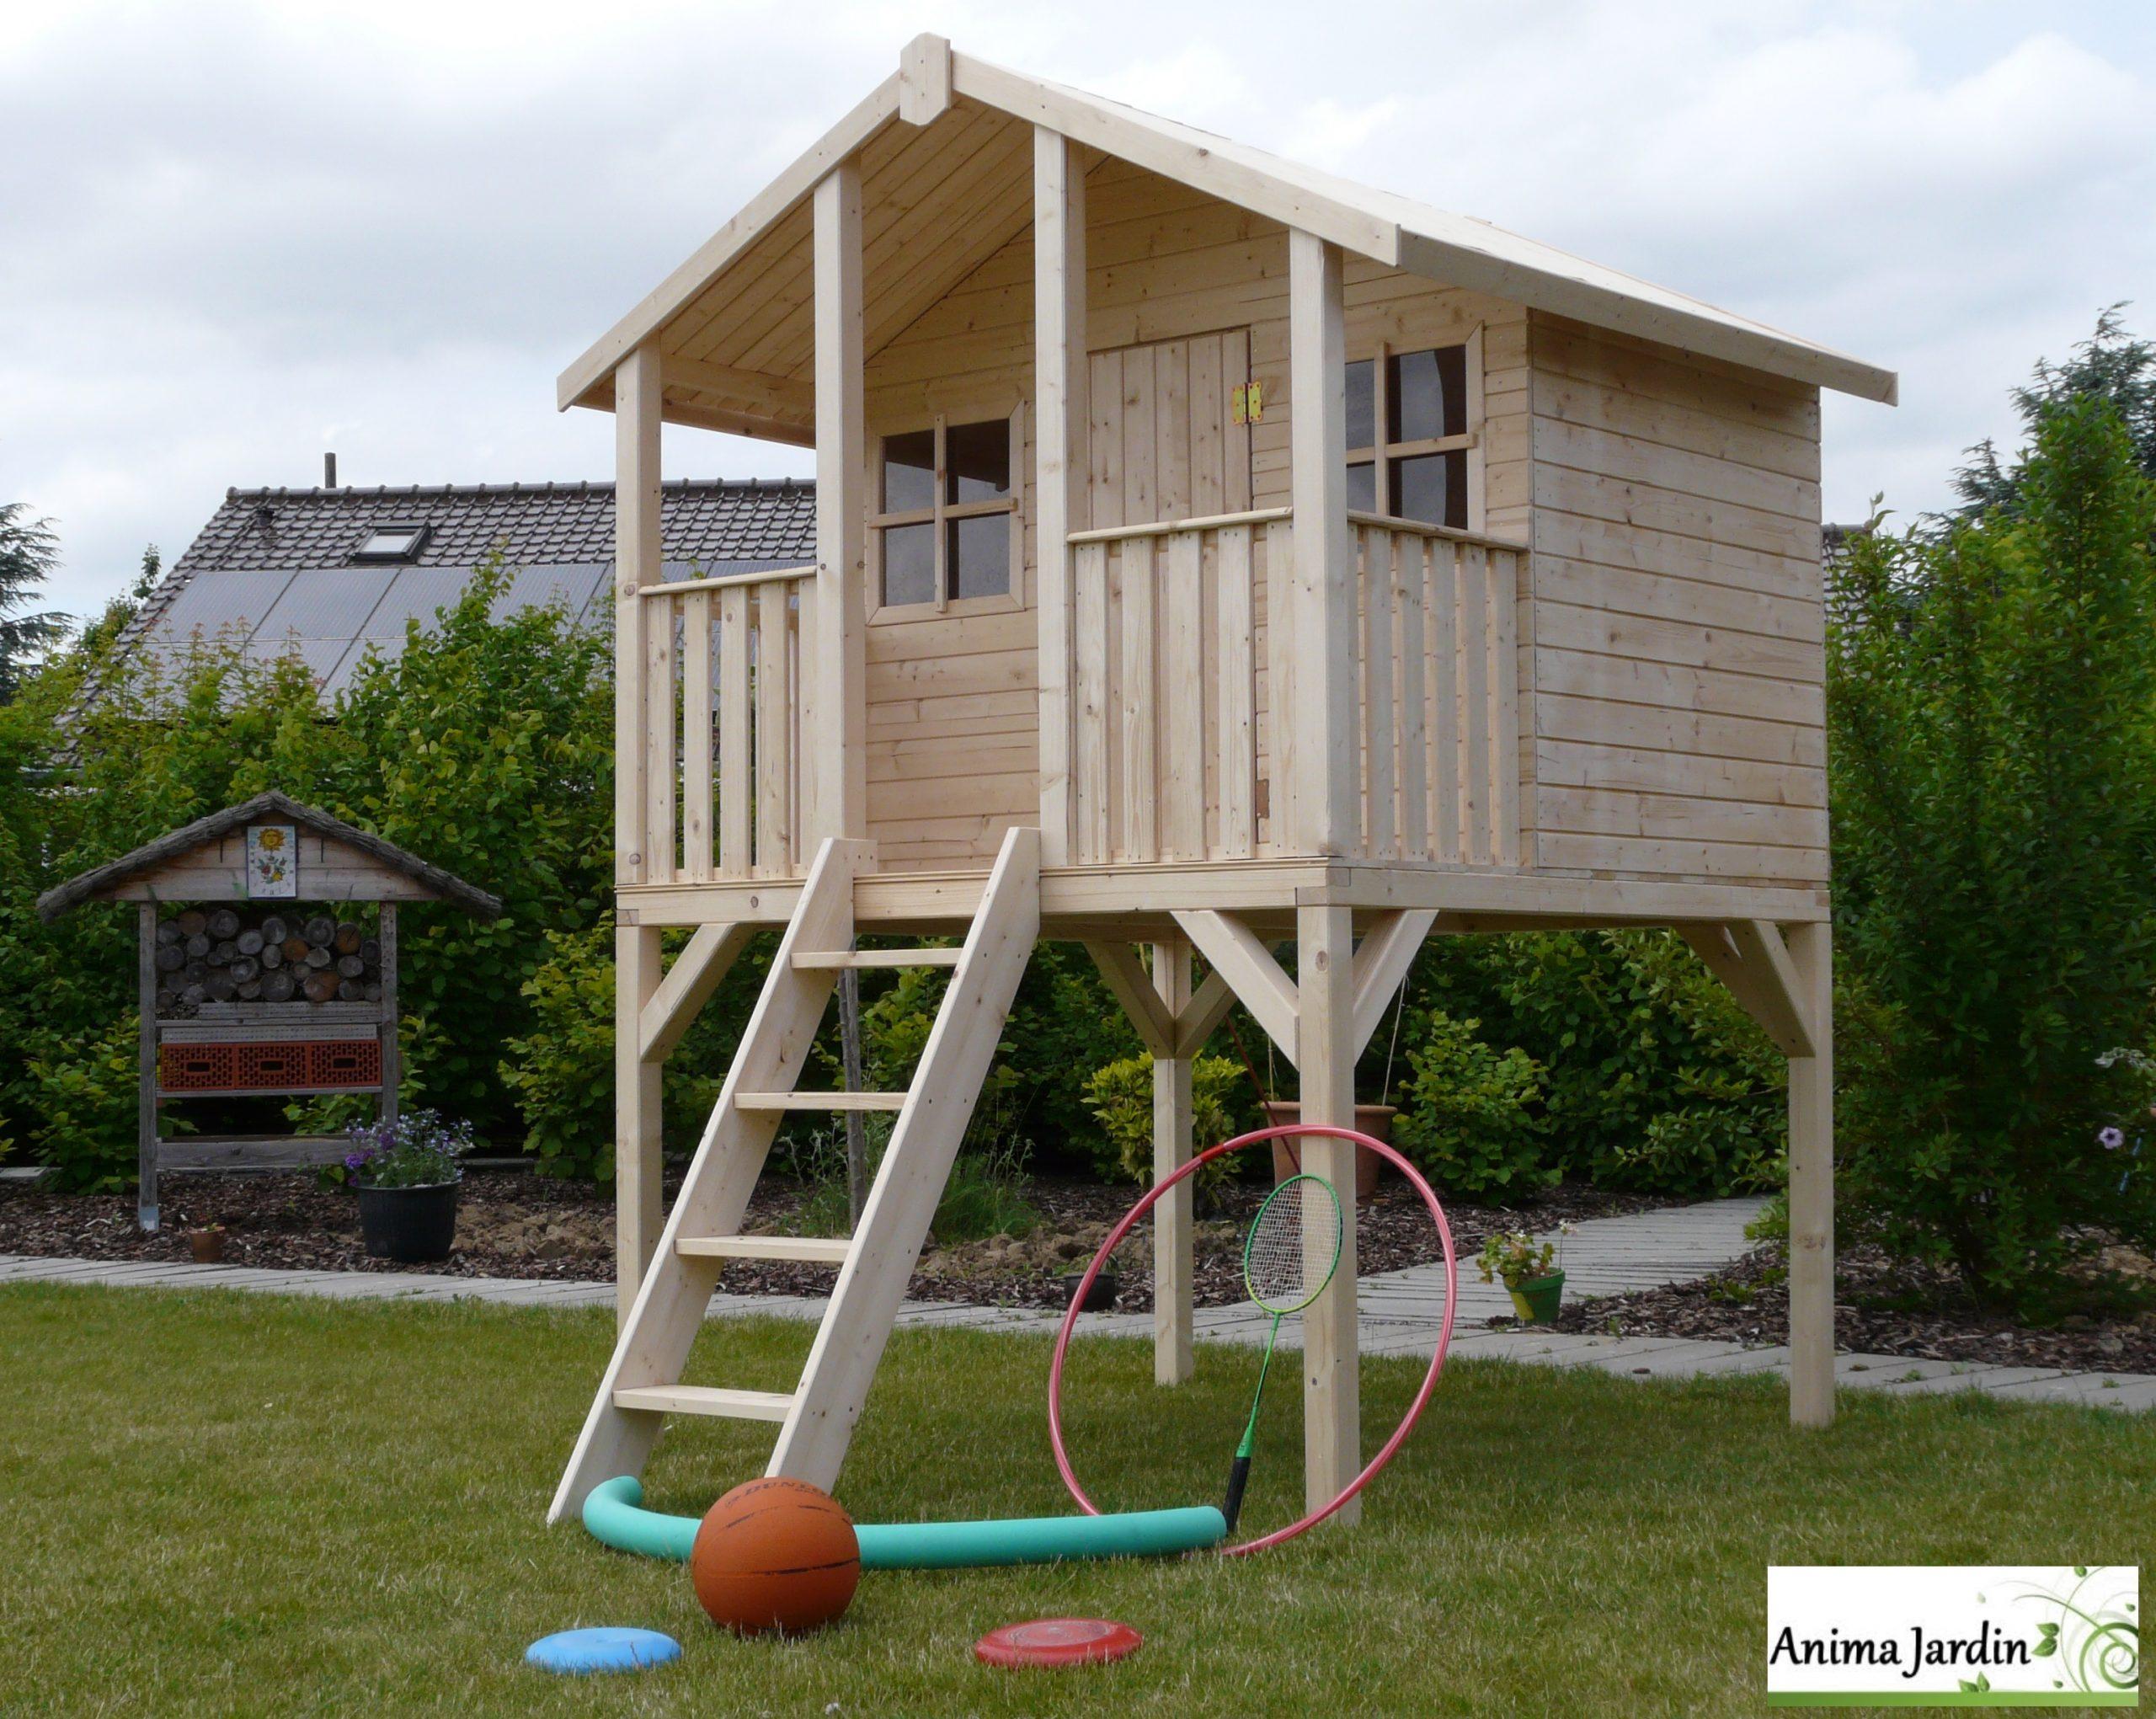 Cabane En Bois Surélevée Sur Pilotis, 3M², Toit Deux Pentes ... encequiconcerne Maison De Jardin Enfant Pas Cher